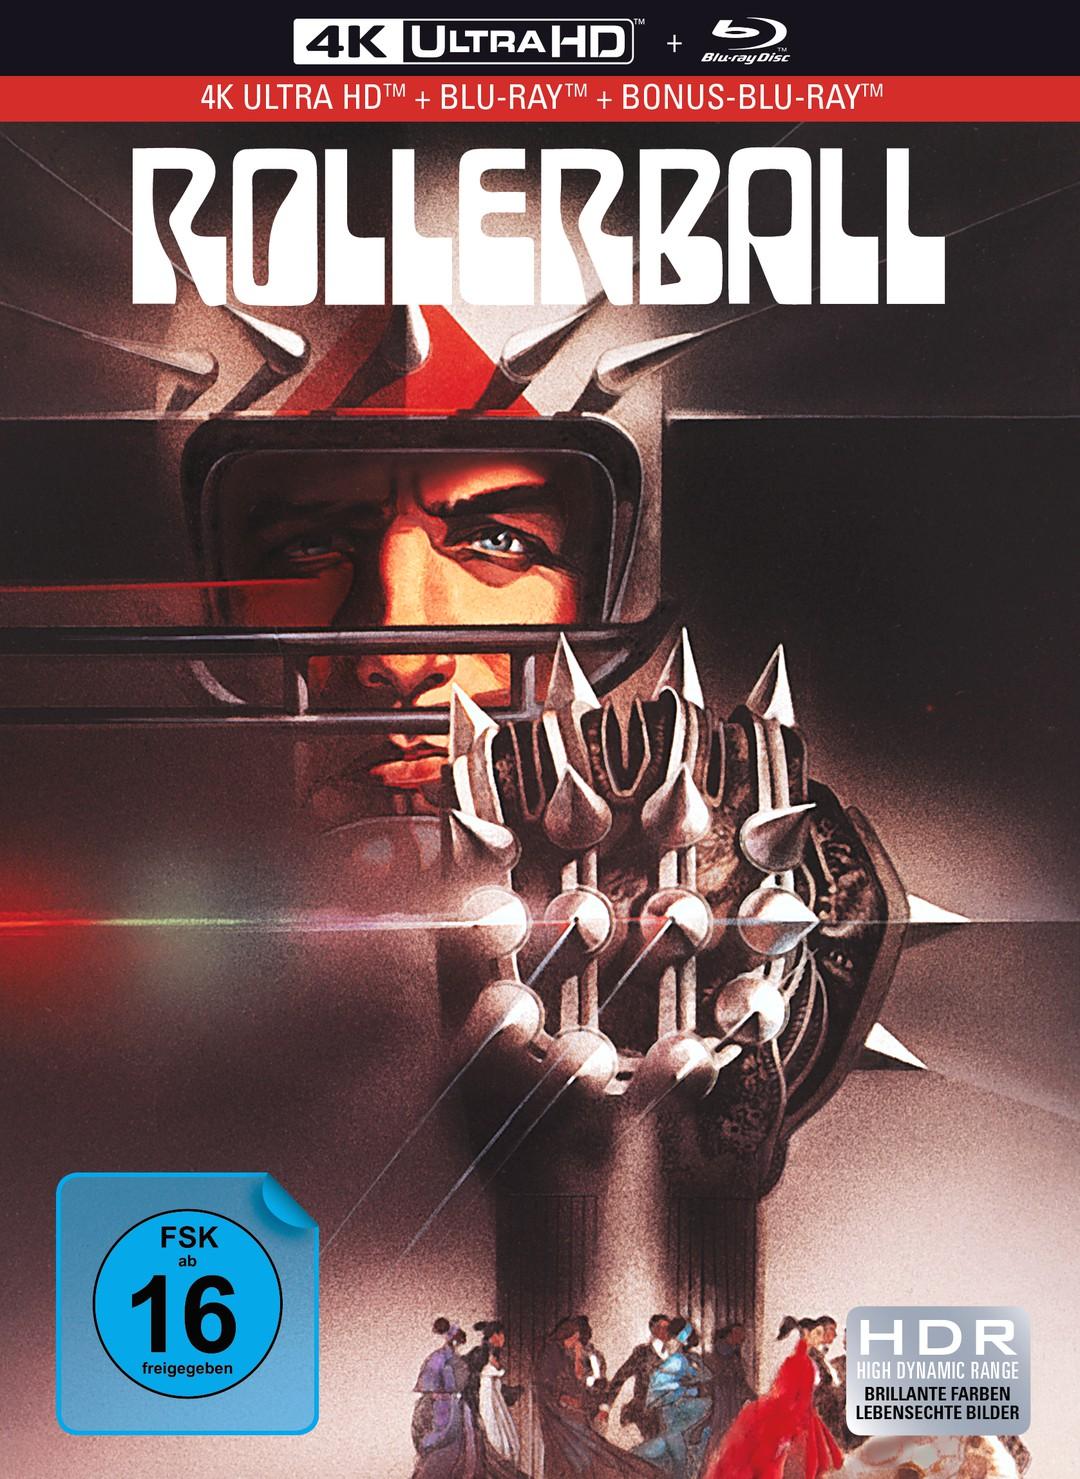 Rollerball Trailer - Bild 1 von 18